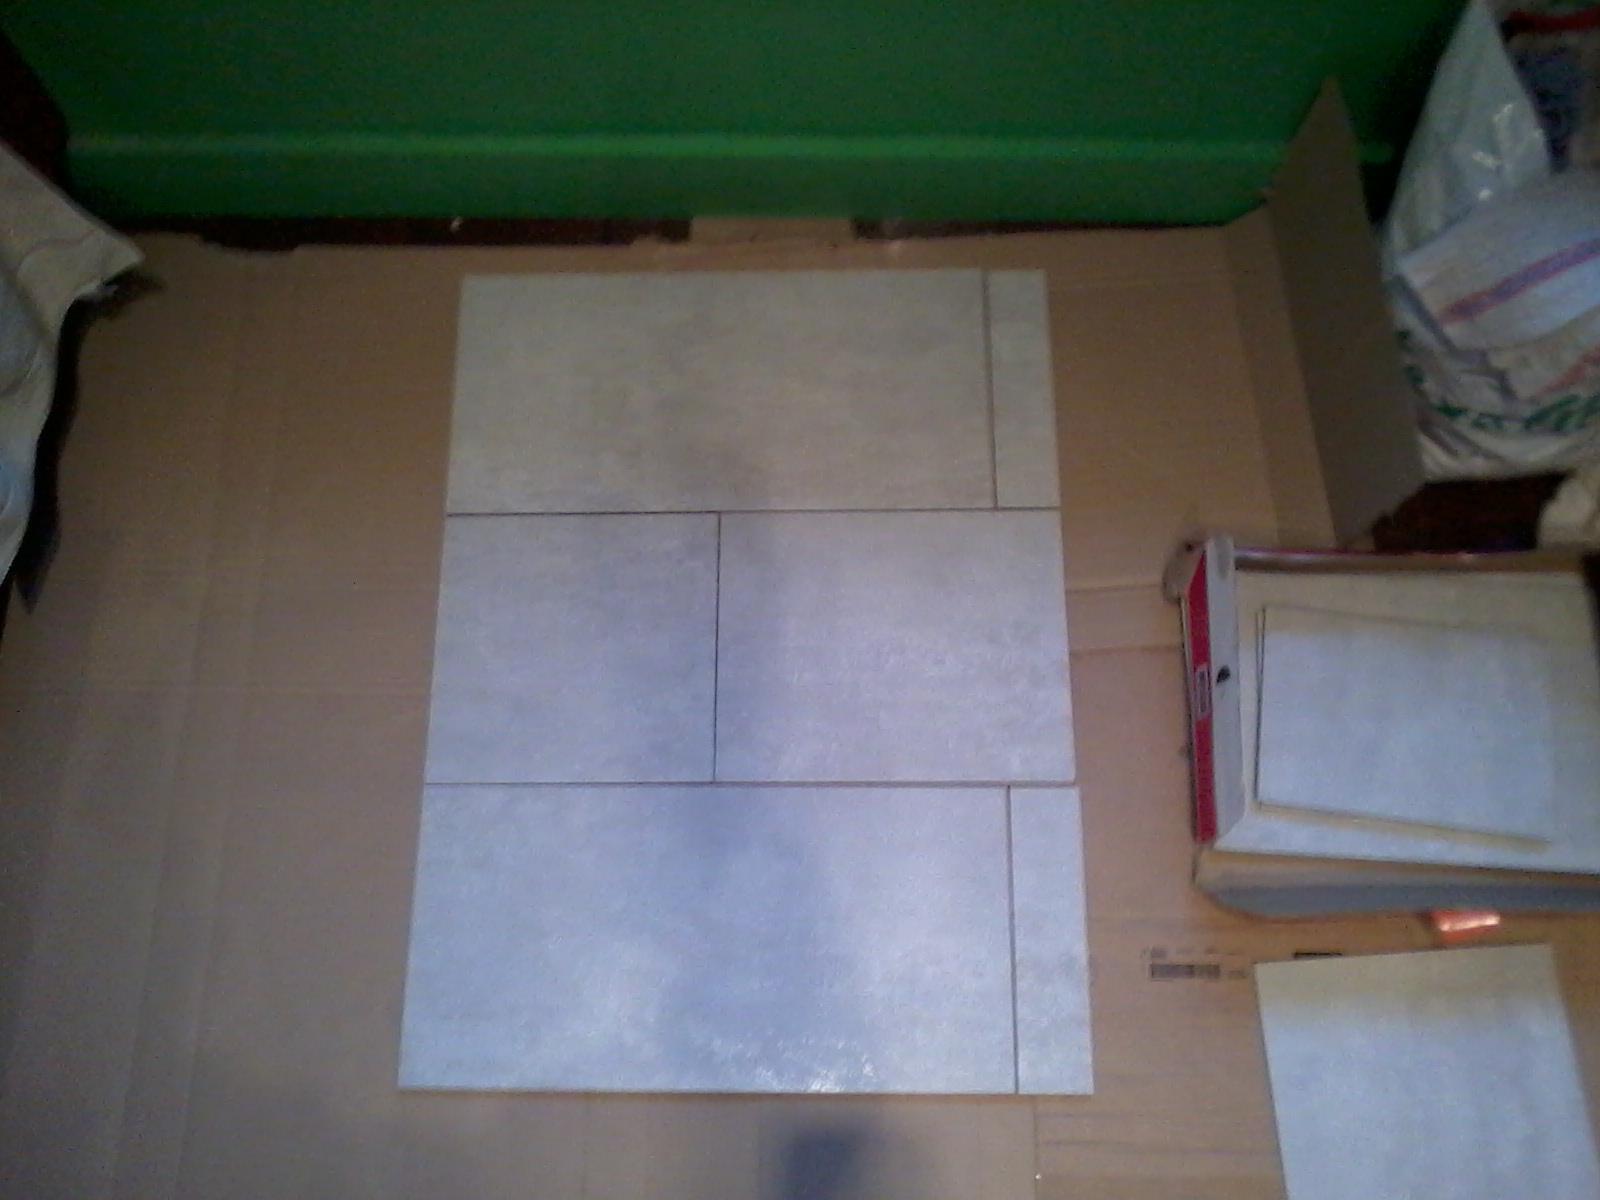 Cr dence de cuisine 30x60 gris clair rectifi pose horizontale joint coup julienbugnetcarrelage - Credence cuisine gris clair ...